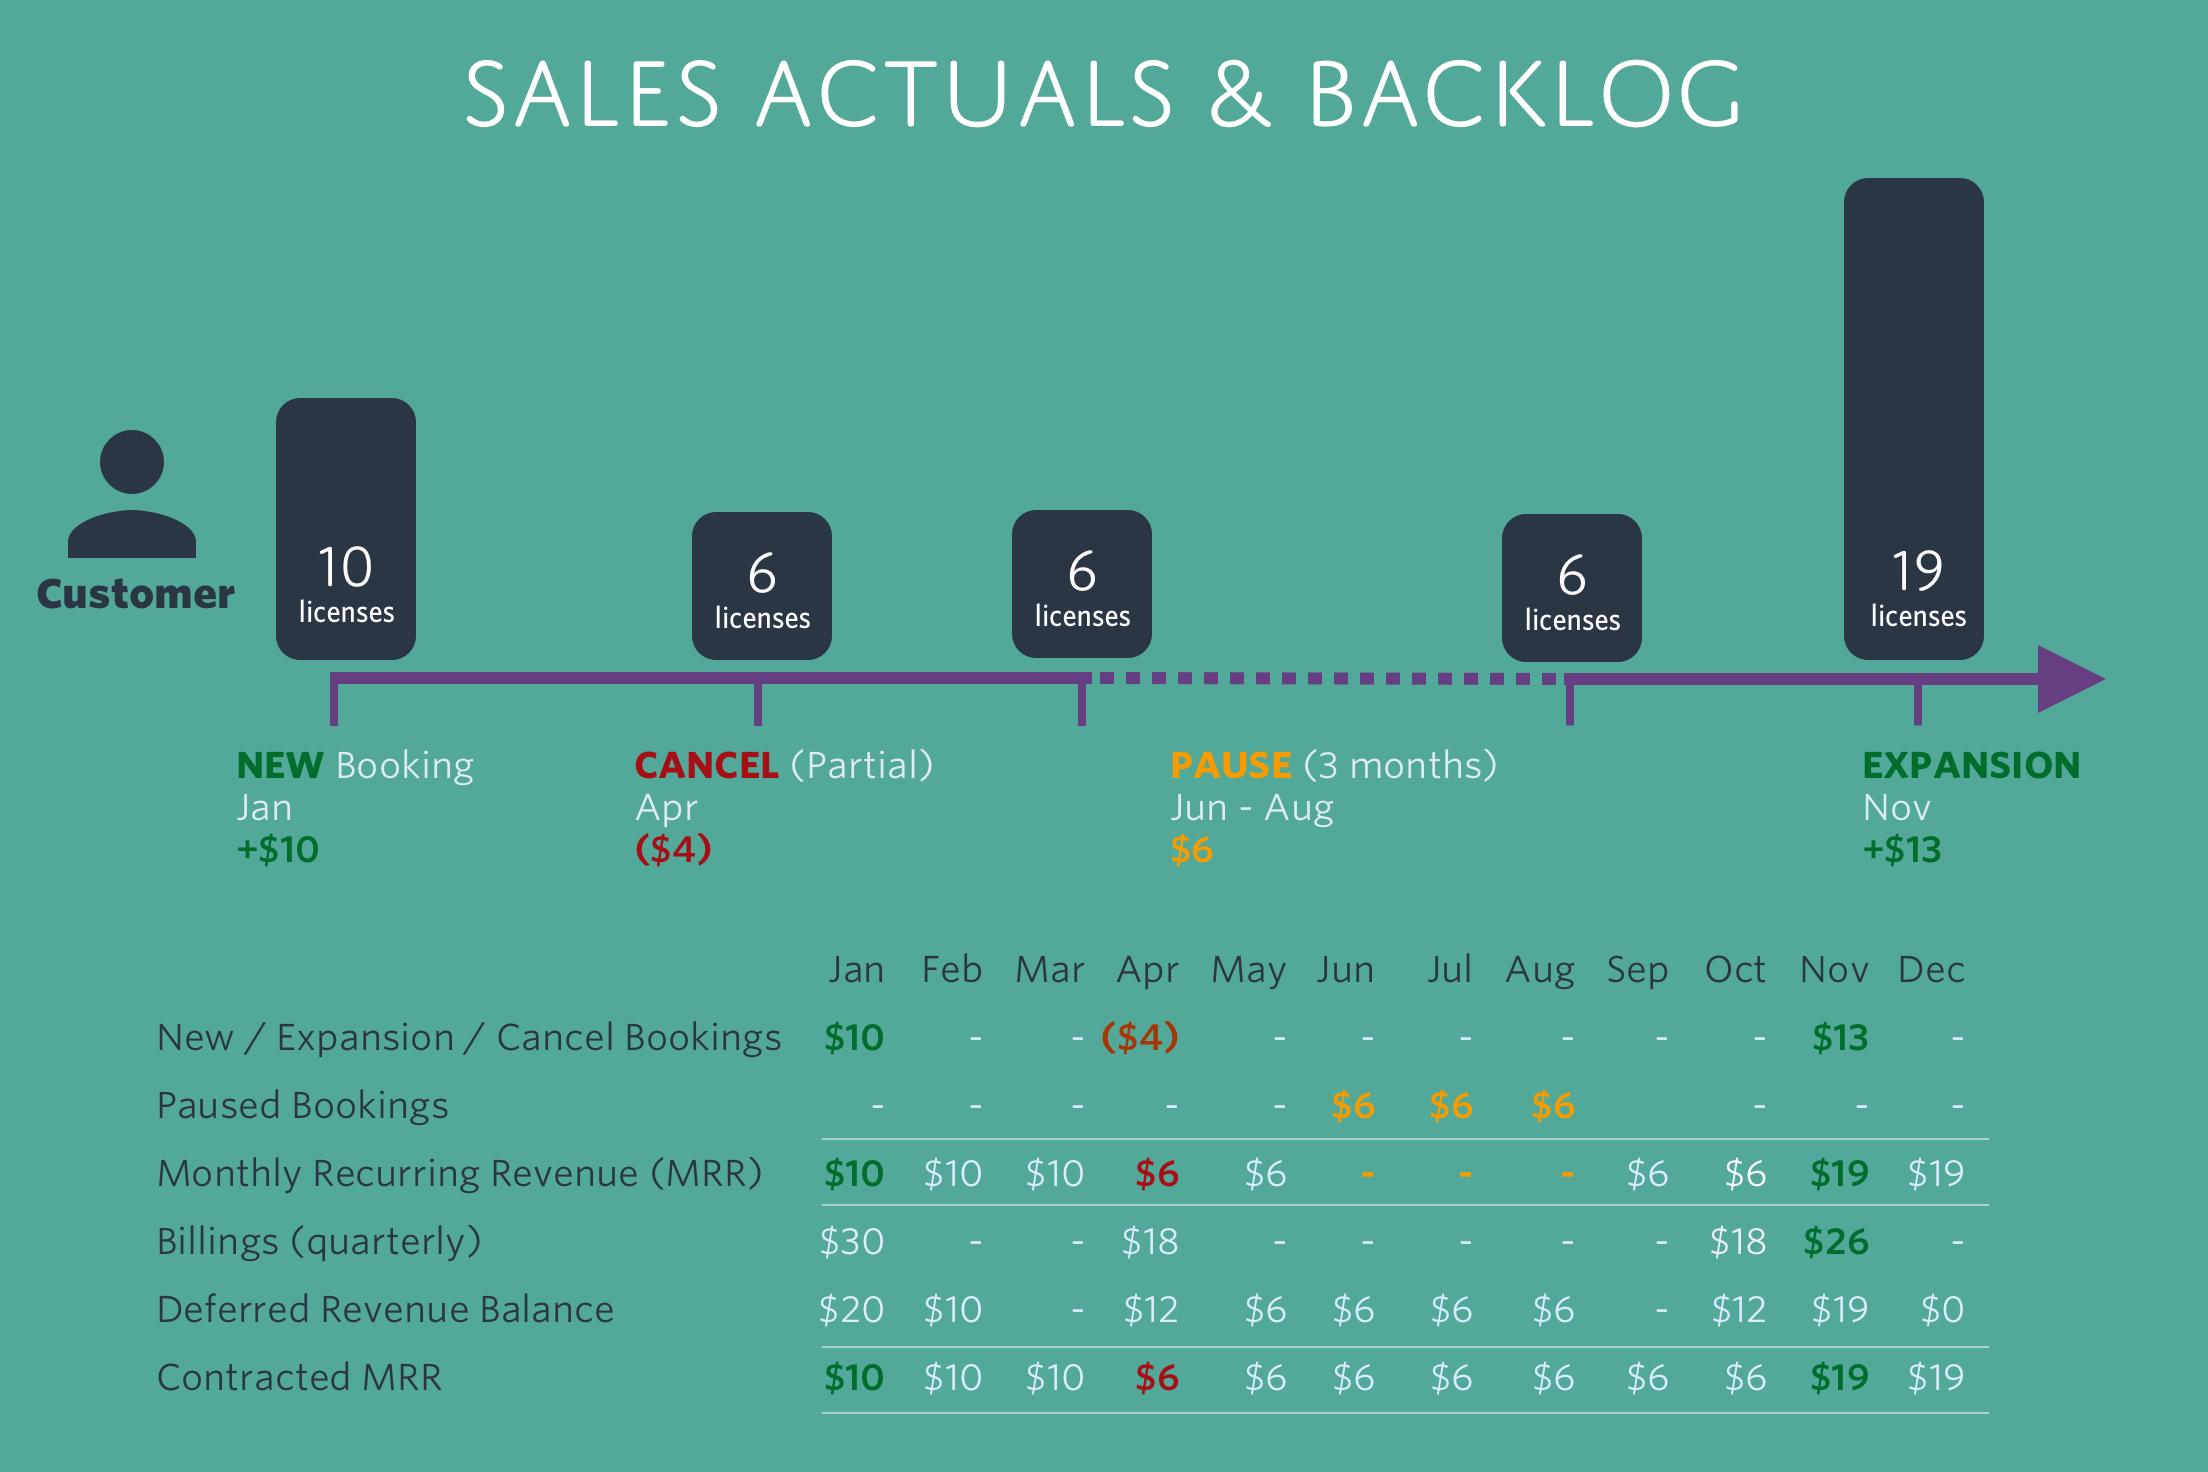 Sales Actuals & Backlog2